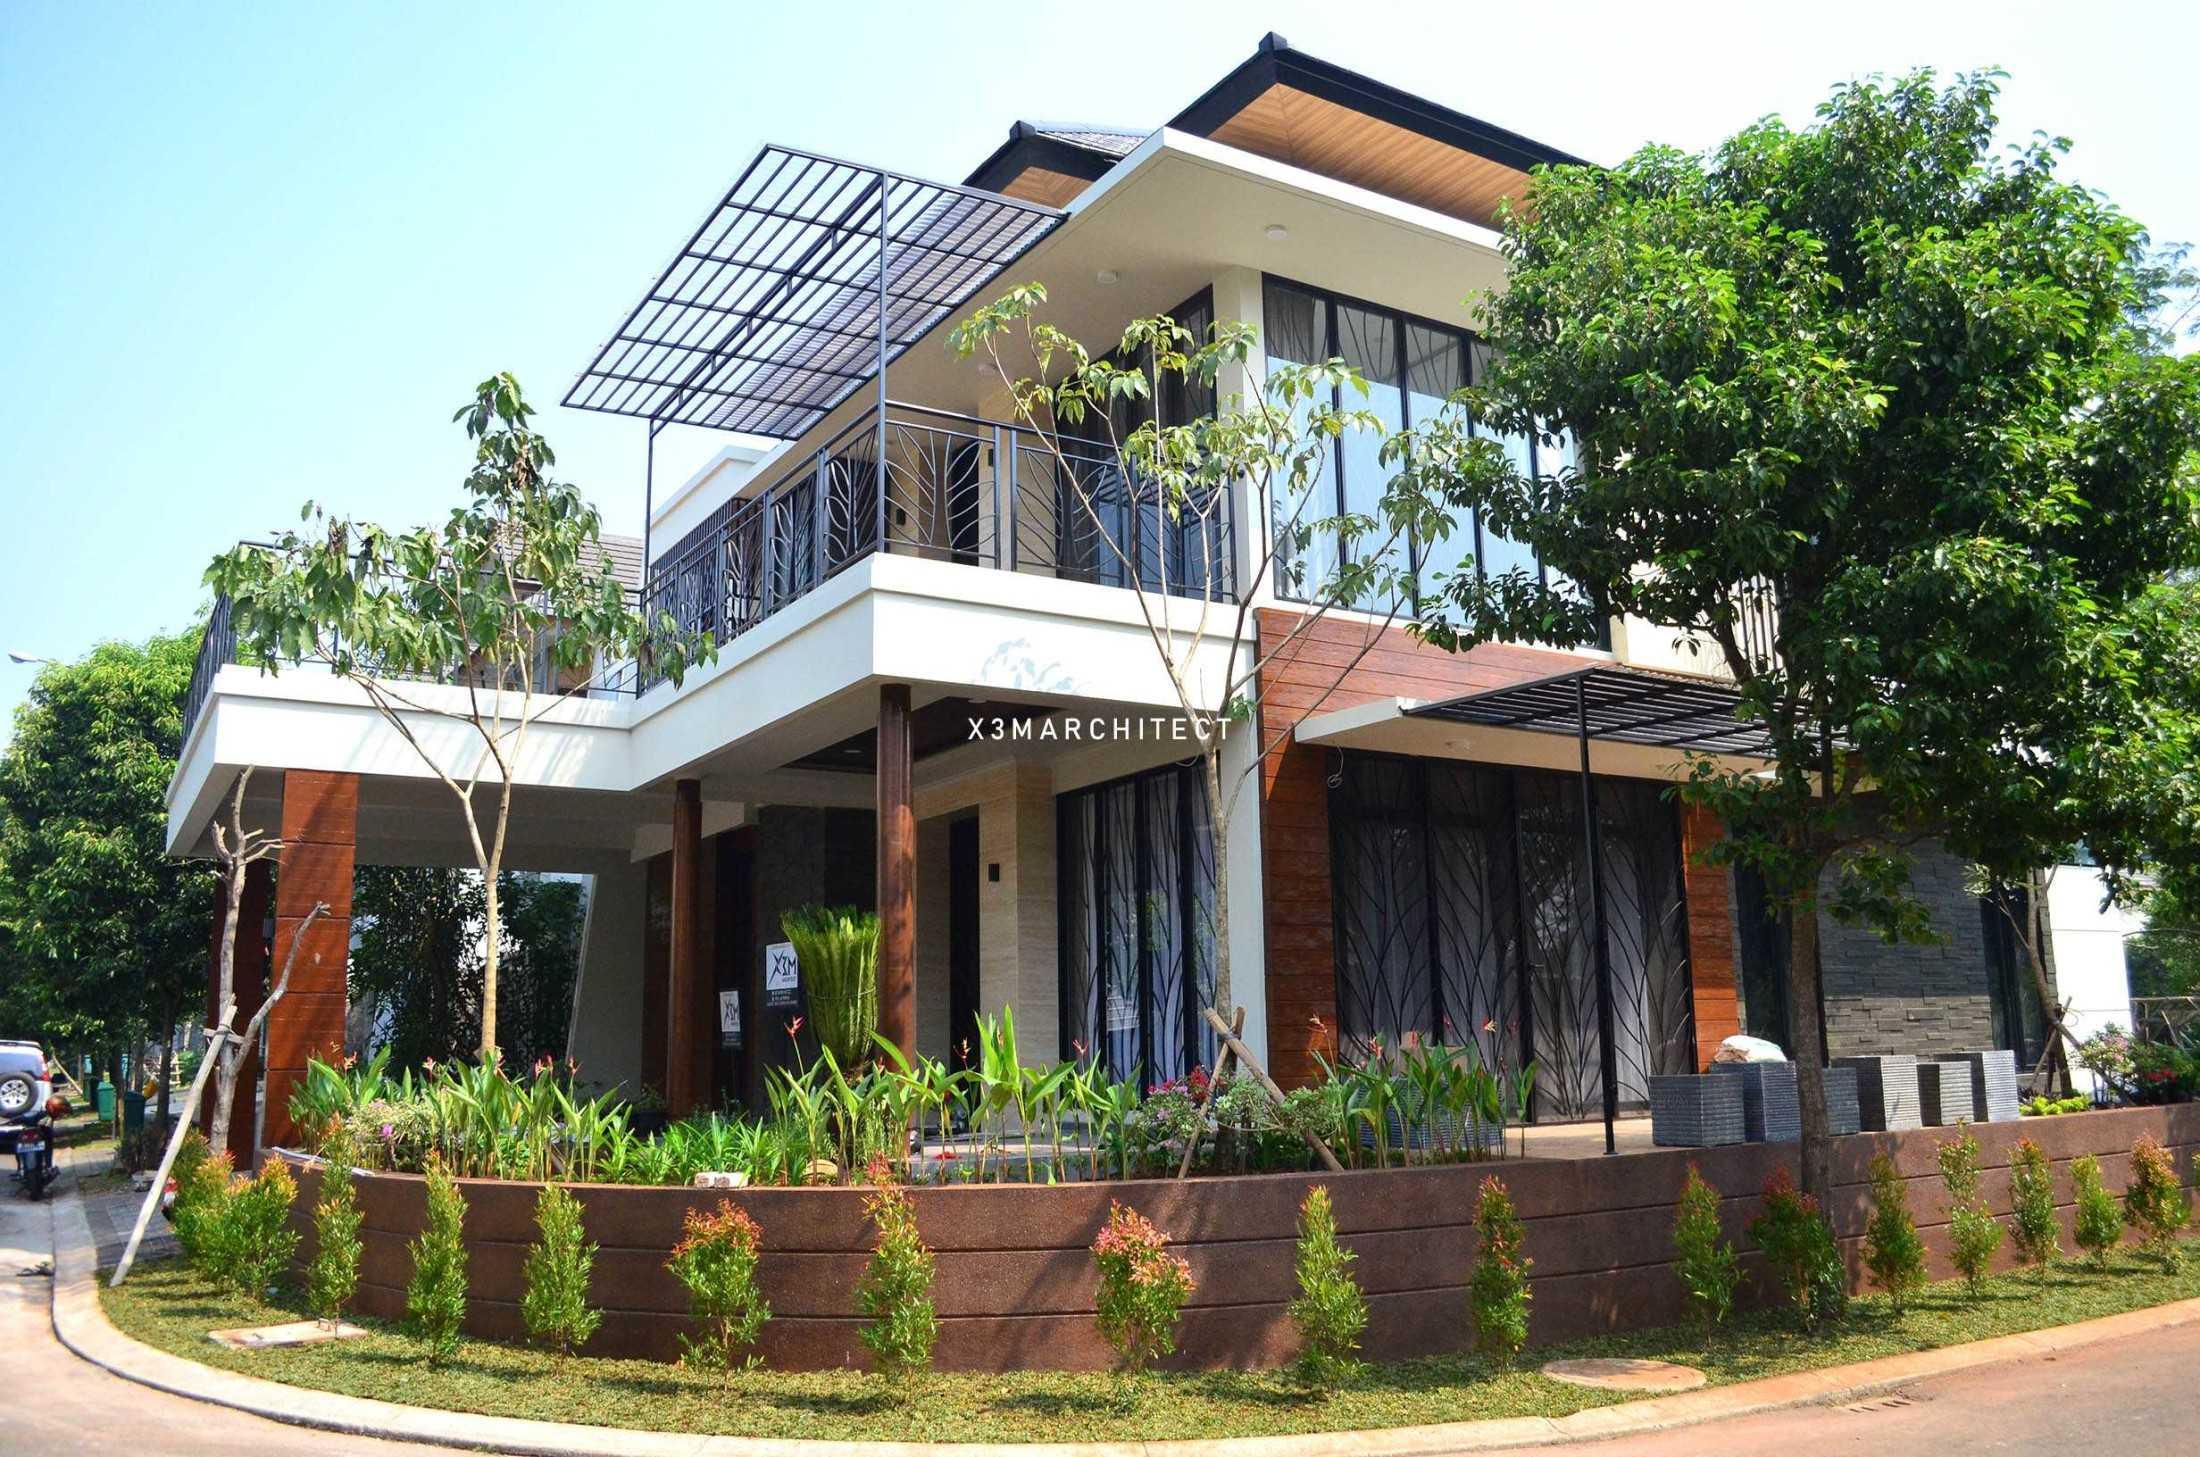 X3M Architects Nittaya A5 1 House Sampora, Kec. Cisauk, Tangerang, Banten 15345, Indonesia Sampora, Kec. Cisauk, Tangerang, Banten 15345, Indonesia X3M-Architects-Nittaya-A5-1  75967